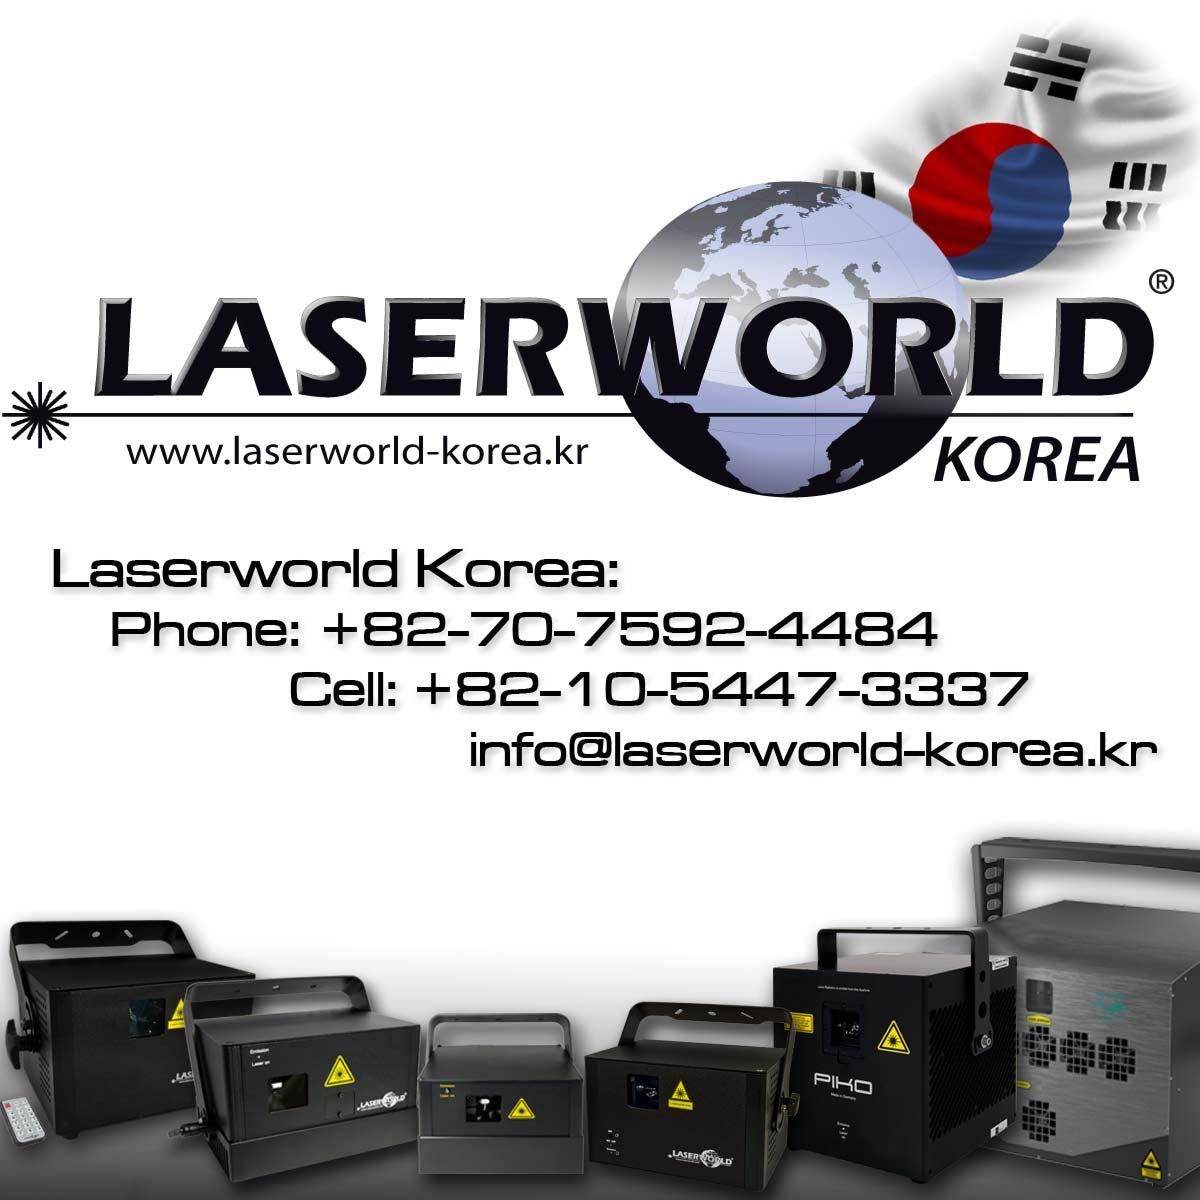 Laserworld Korea Starts